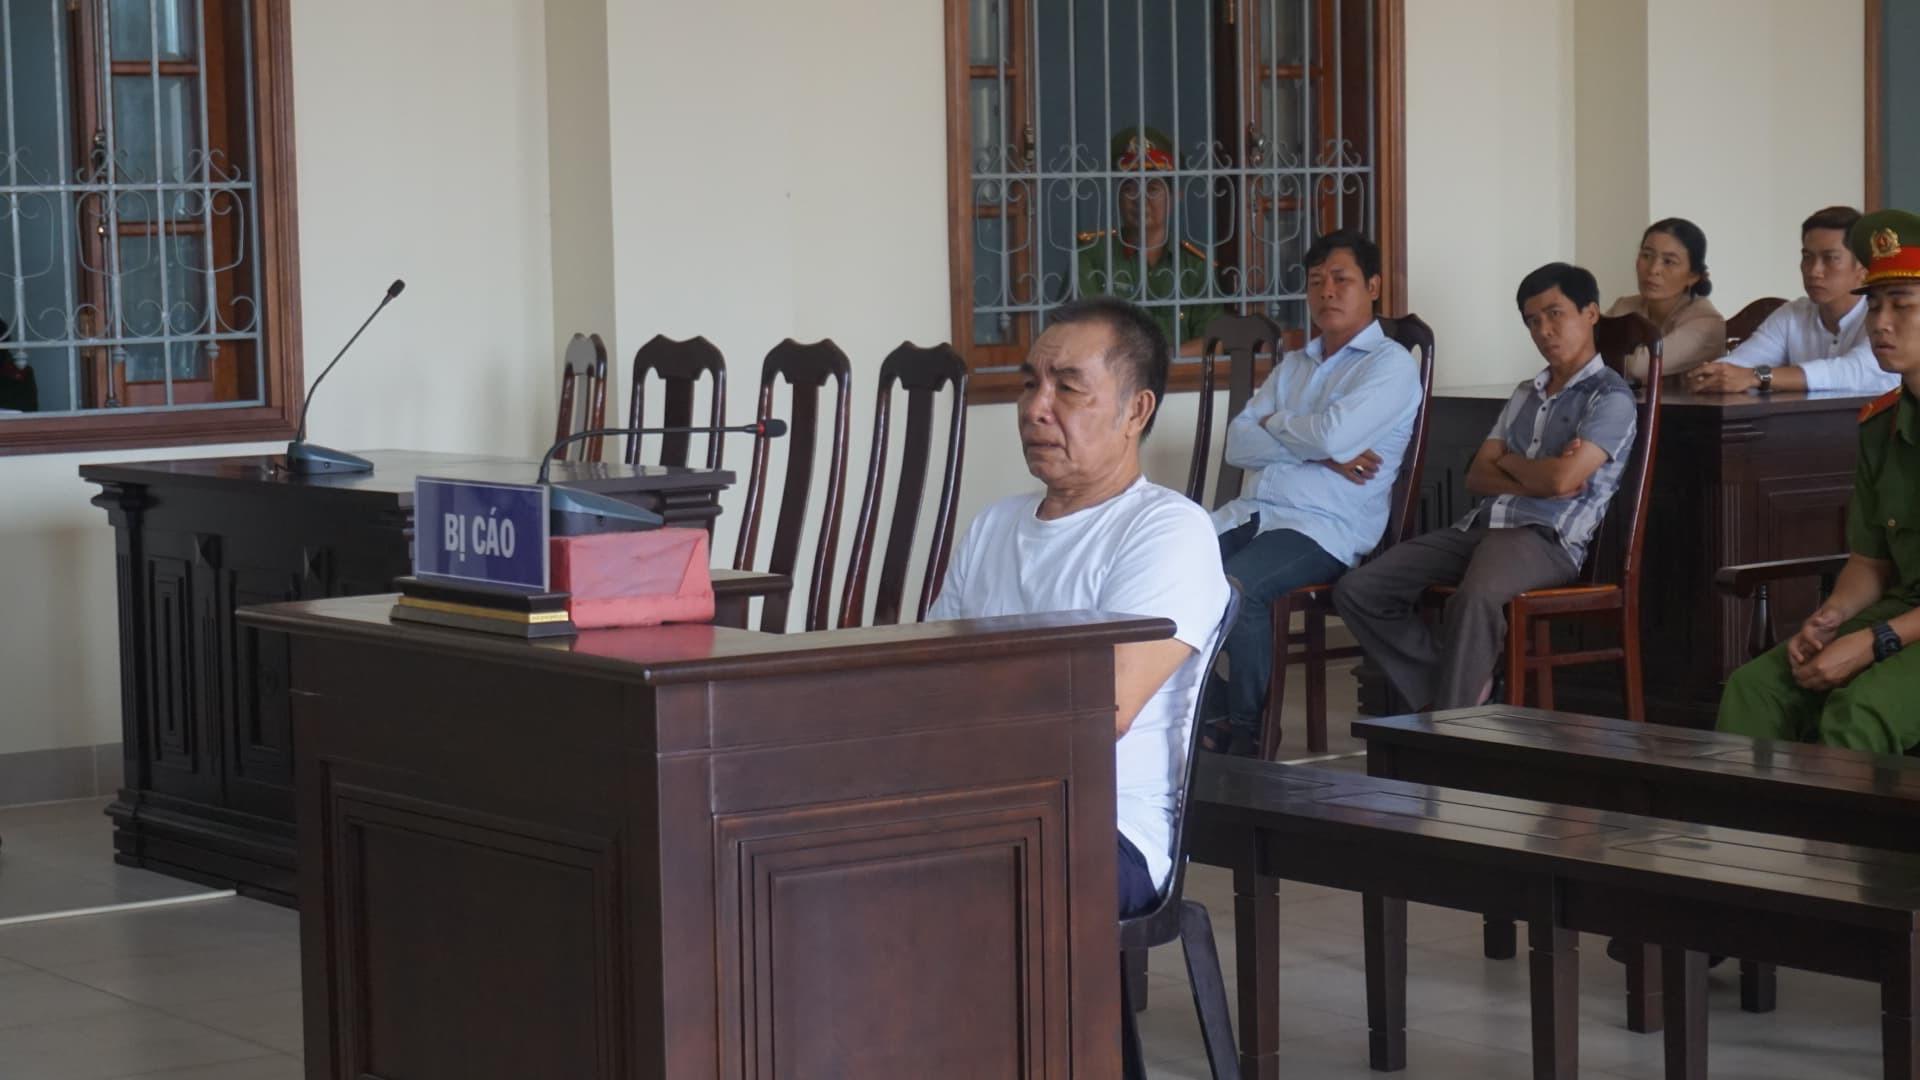 Cụ ông U80 lãnh án chung thân vì đánh chết hàng xóm 50 tuổi - Ảnh 1.